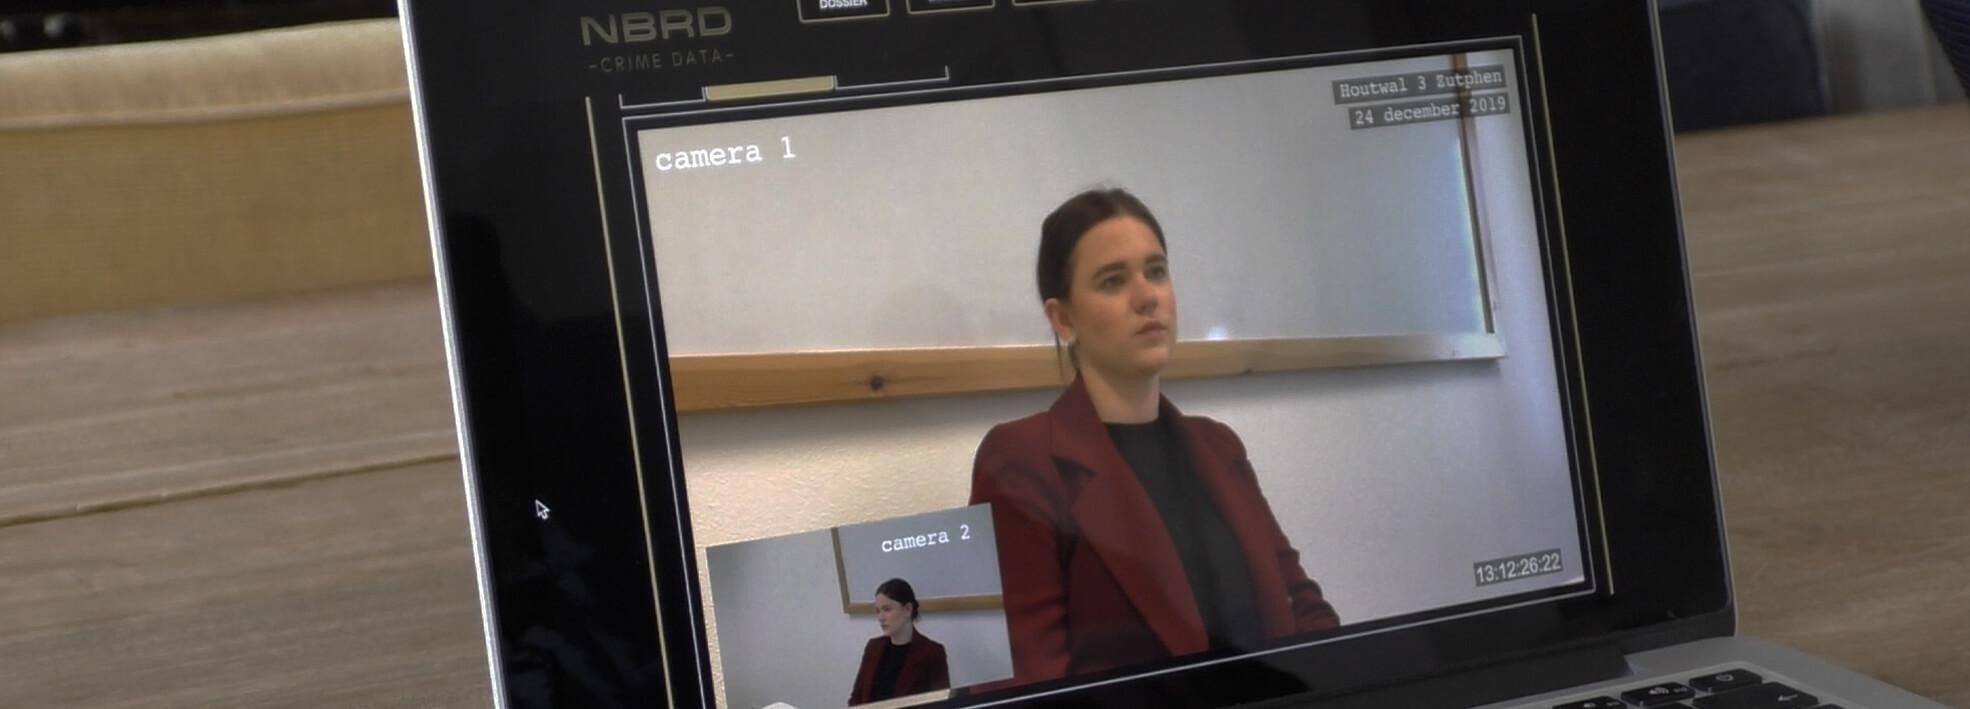 Een verhoor met een getuige in de database tijdens moordspel